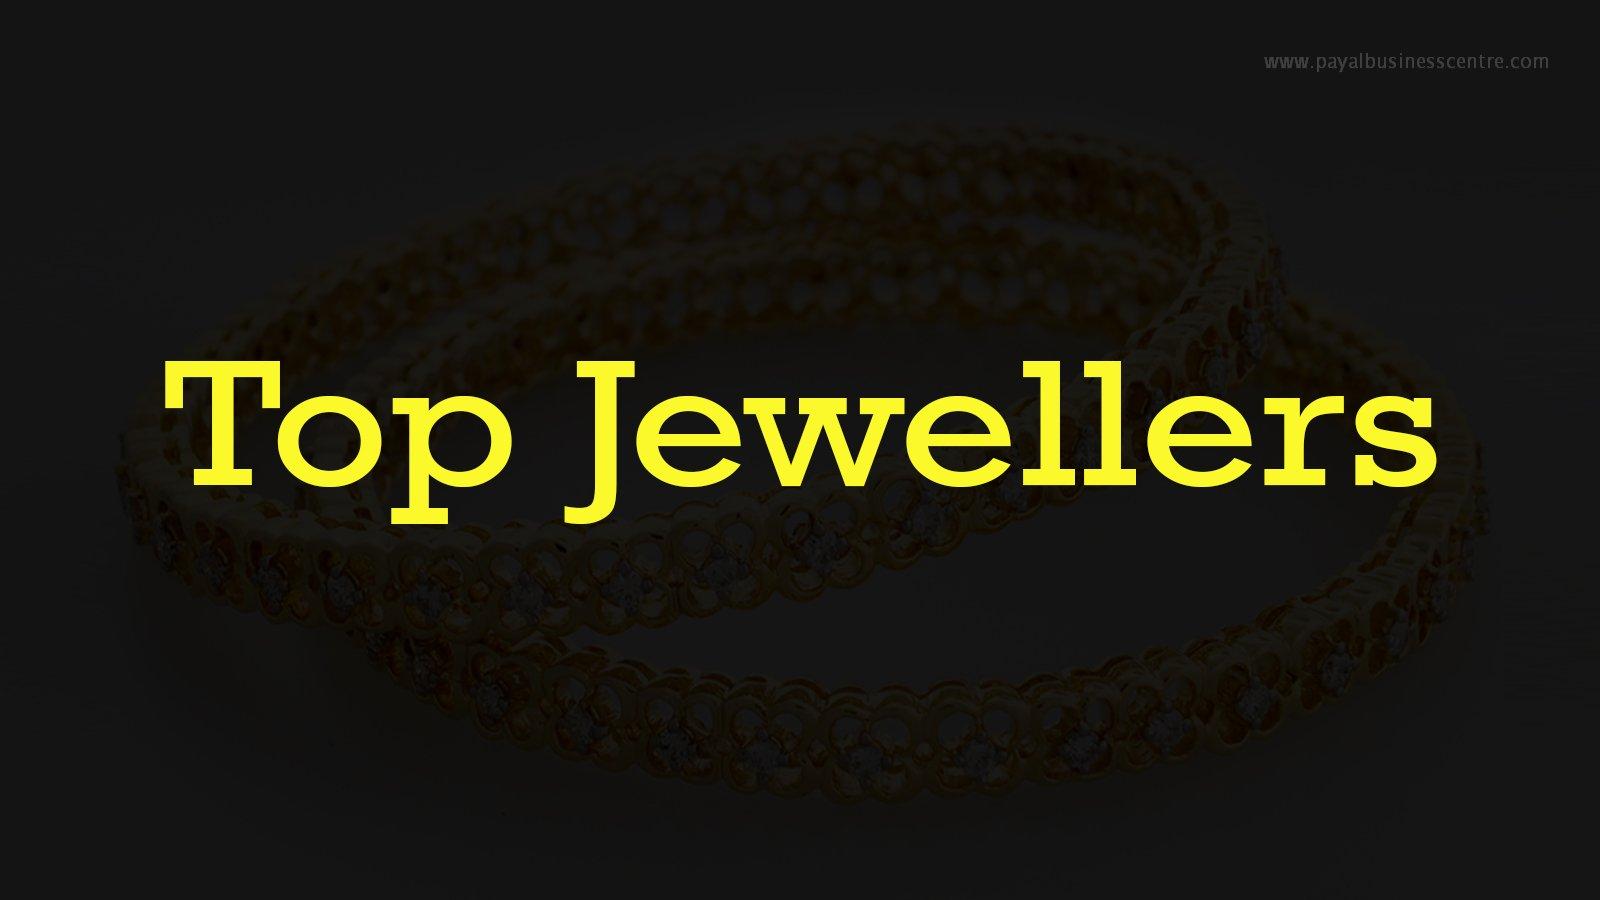 Top Jewellers